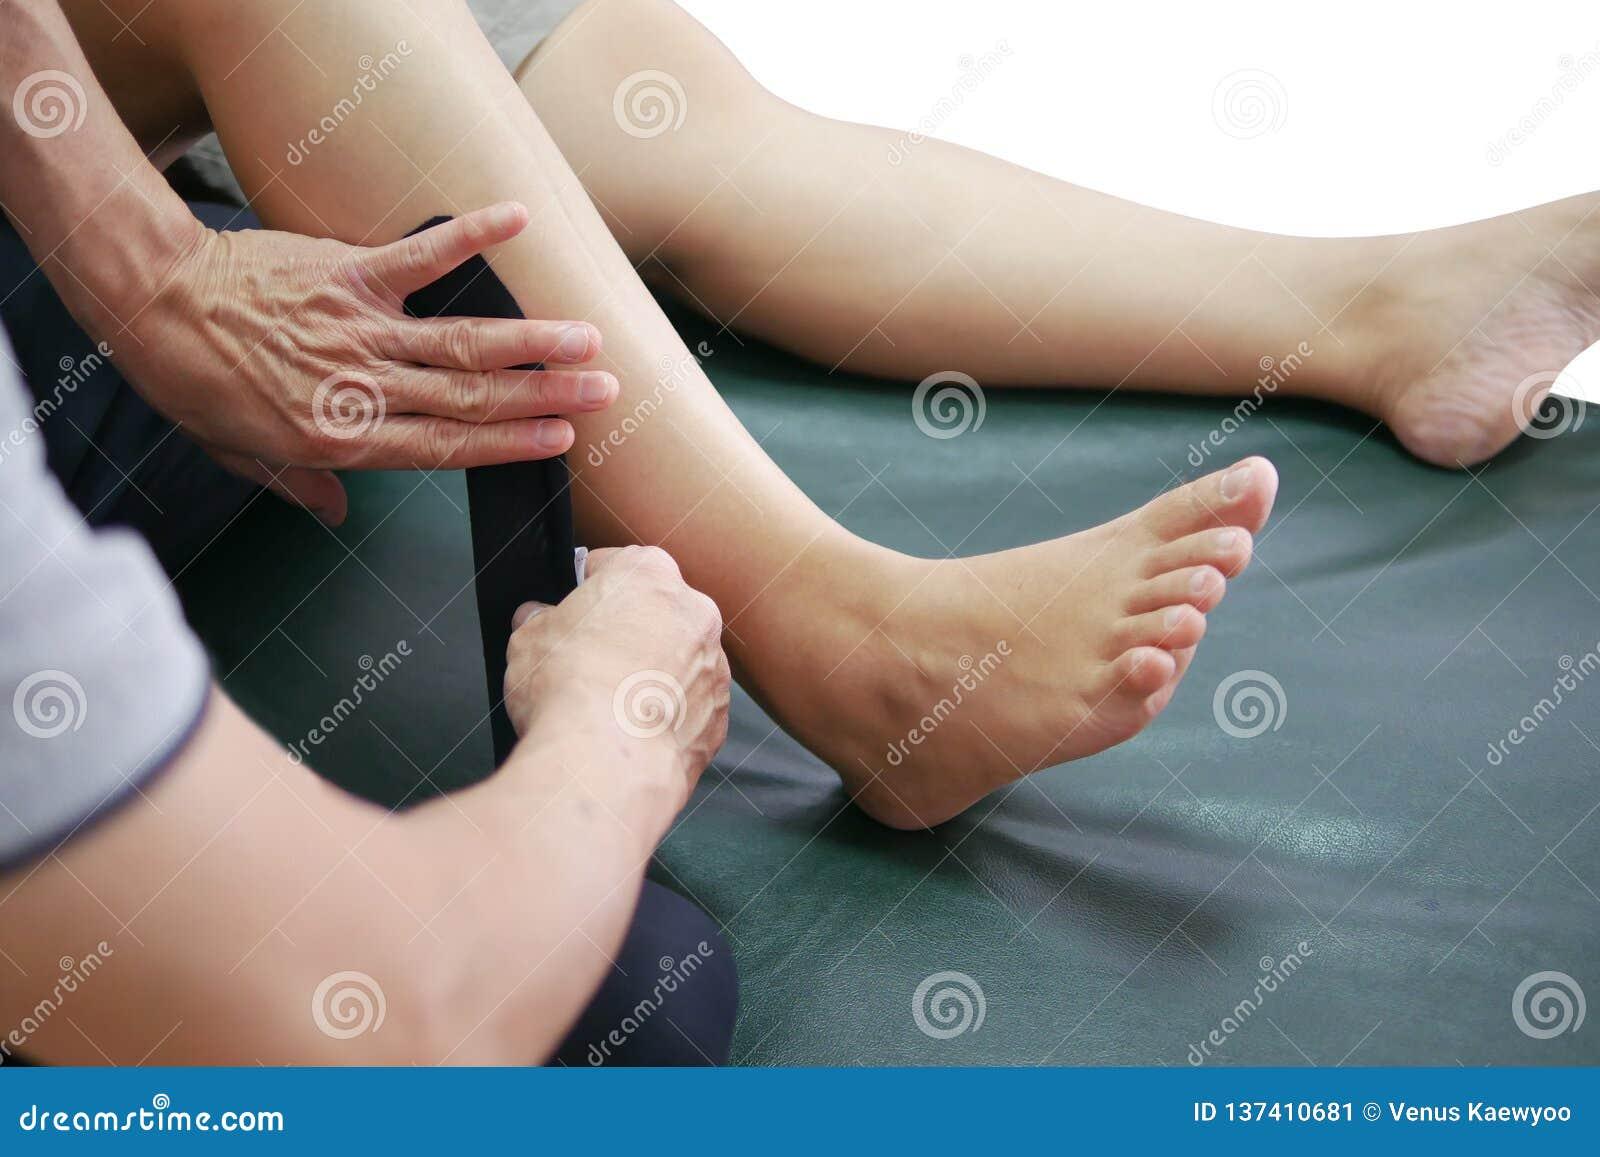 Fizyczni terapeuci używają metodę nagrywa zmniejszać ból i ulepszać ruchliwość kinesiology w pacjent nogi mięśniach